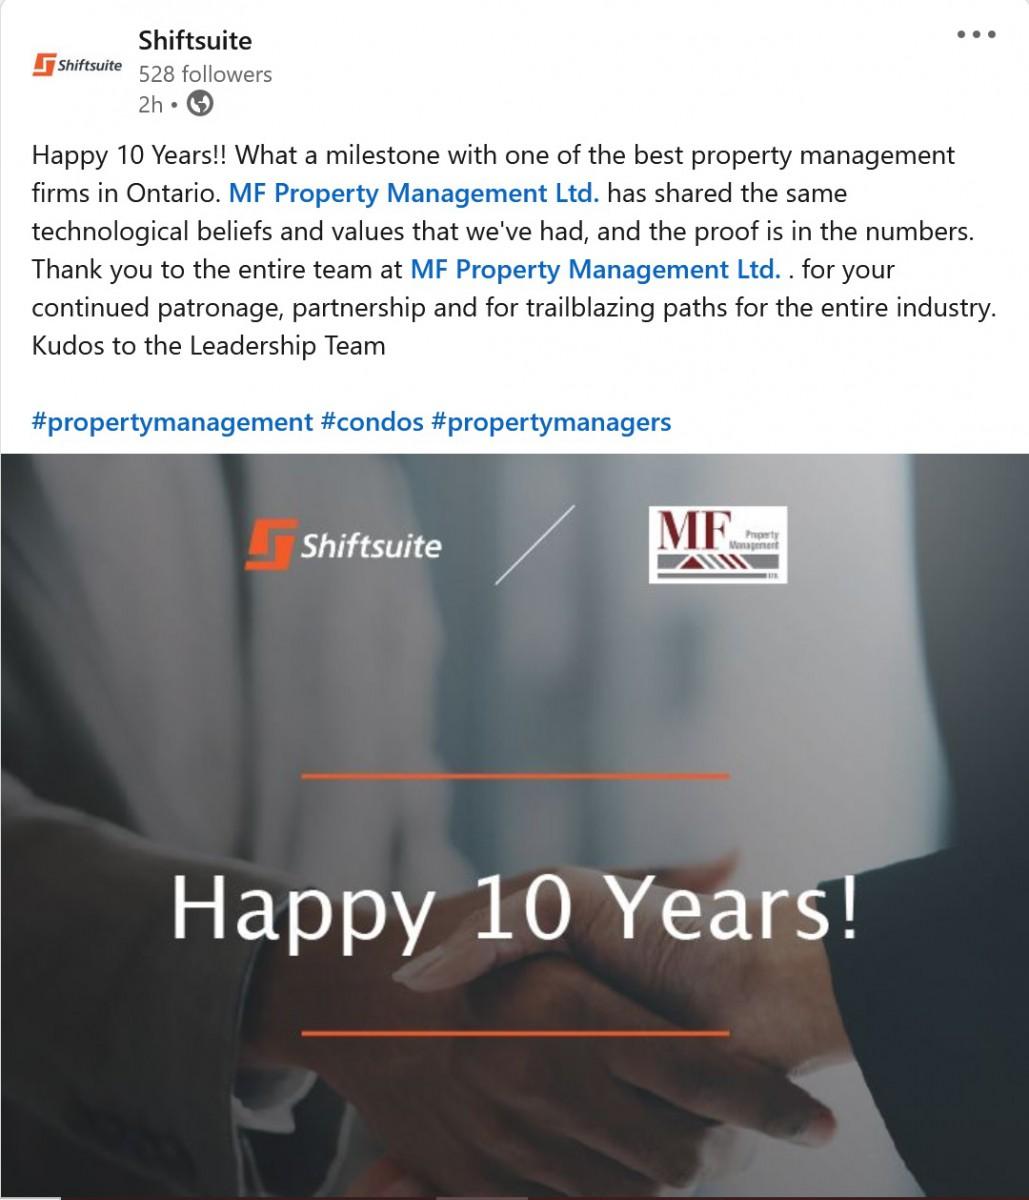 Happy 10 Years!